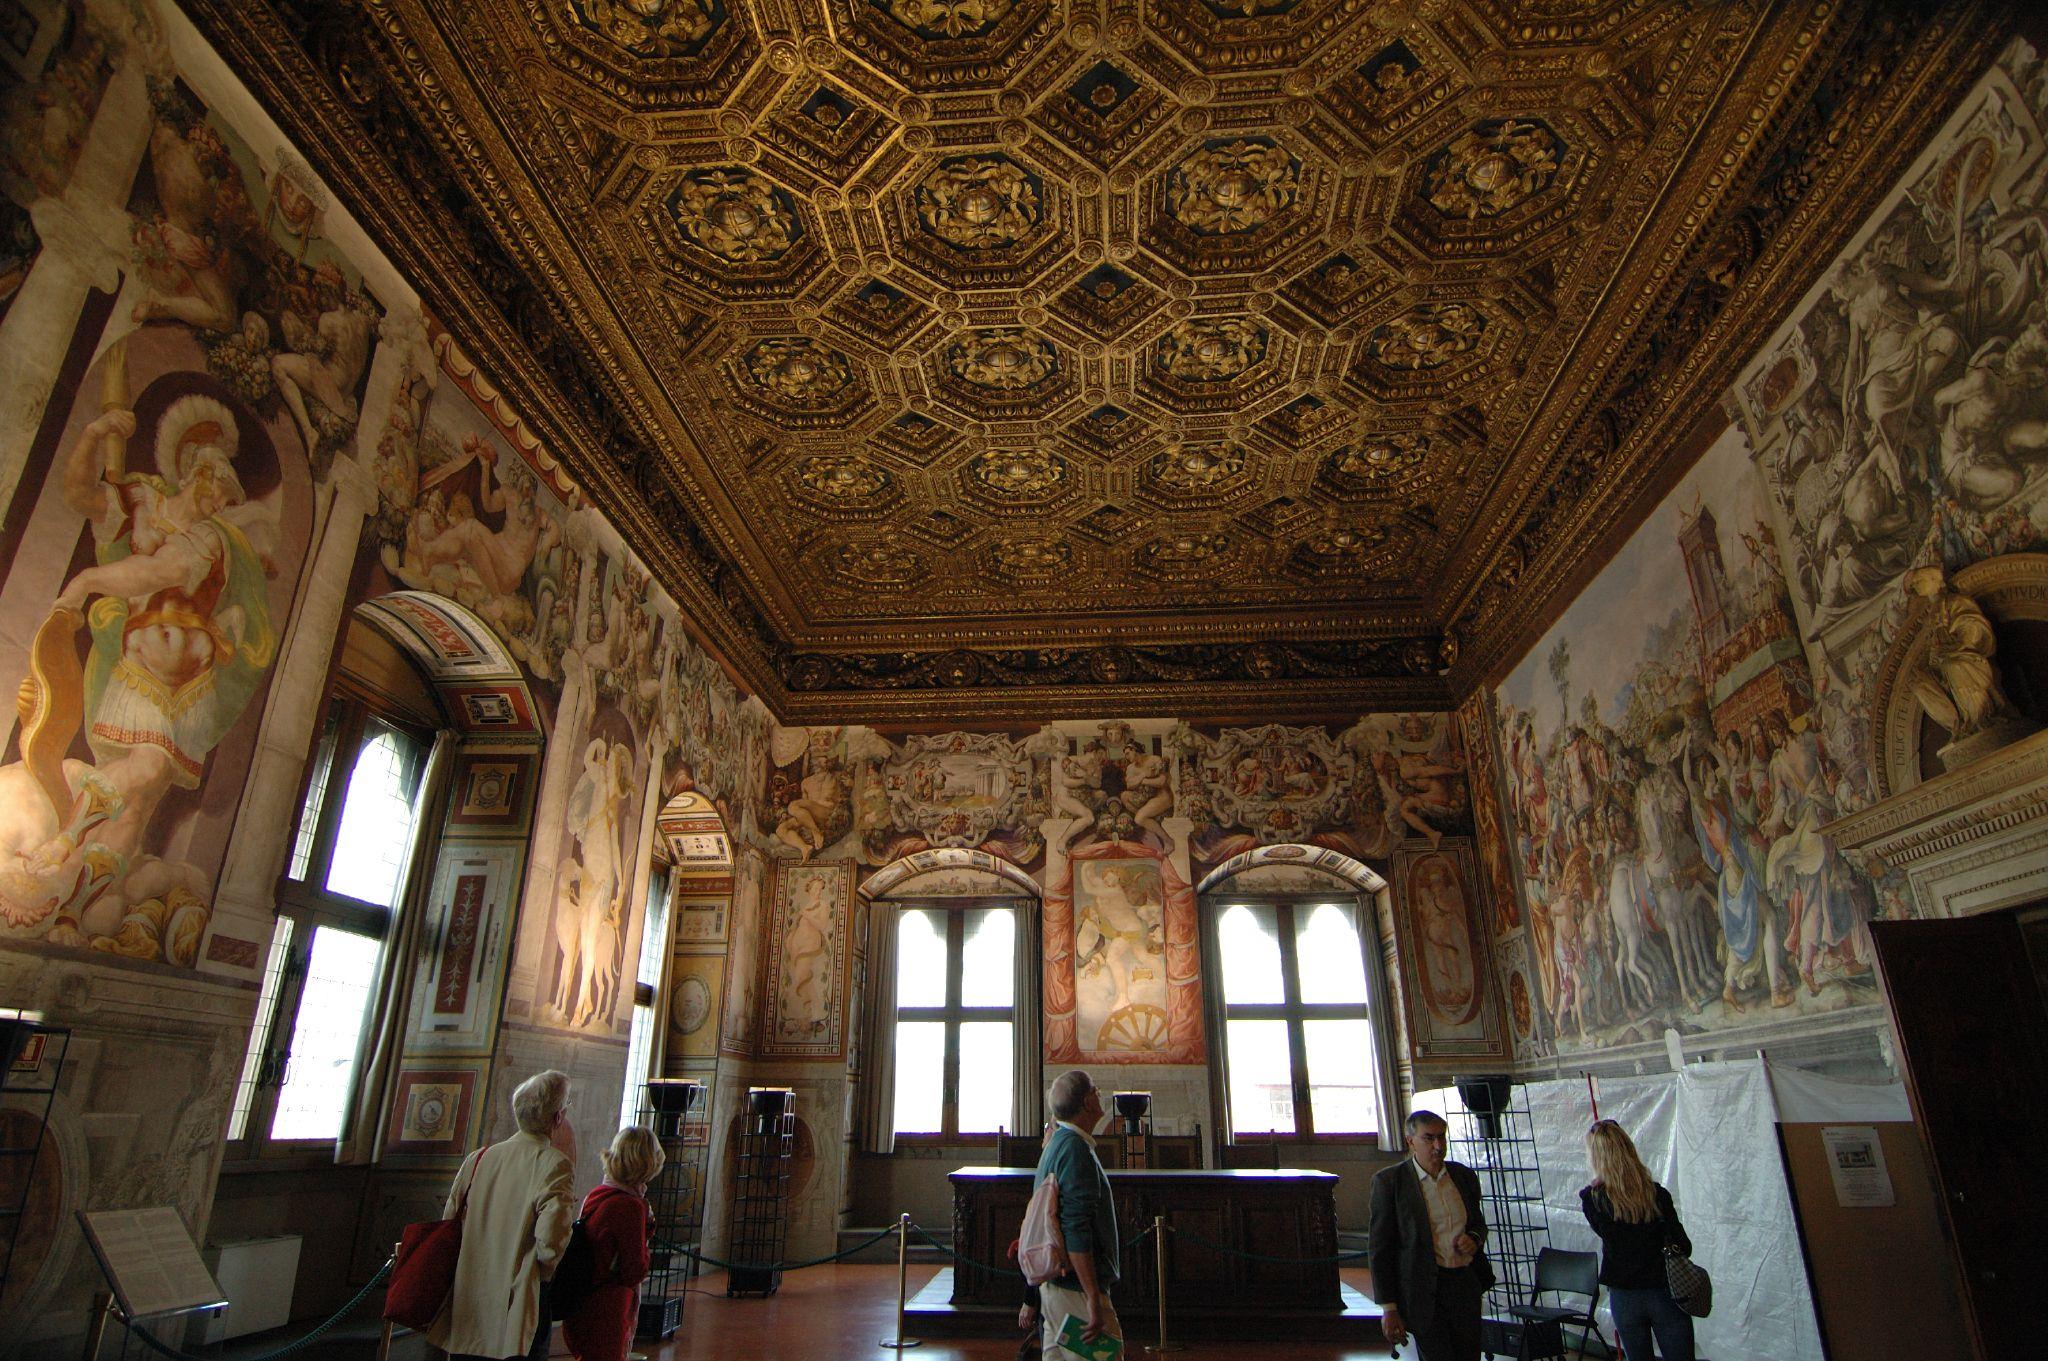 Description palazzo vecchio sala del trionfo 00